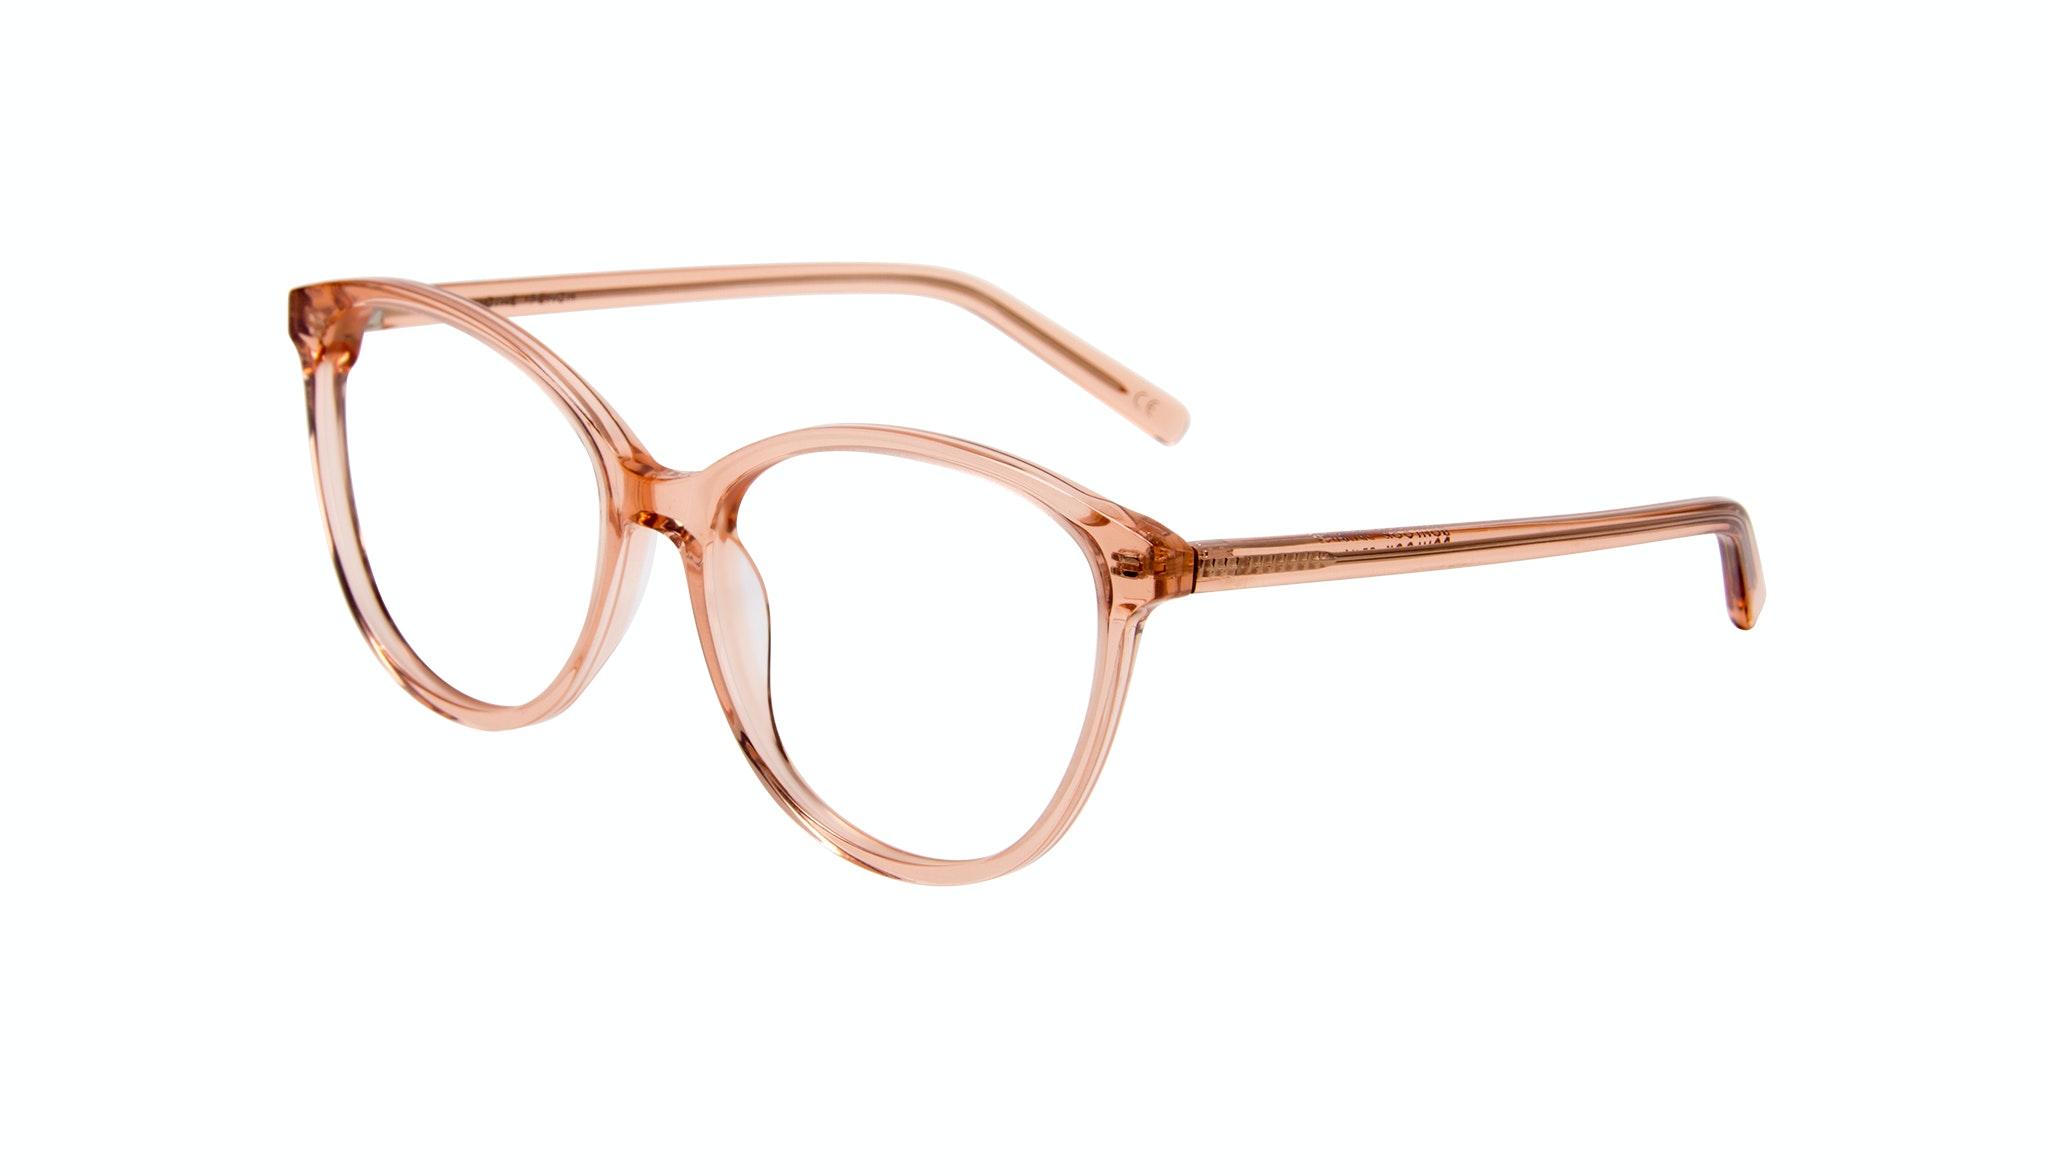 Affordable Fashion Glasses Cat Eye Round Eyeglasses Women Imagine Peach Tilt